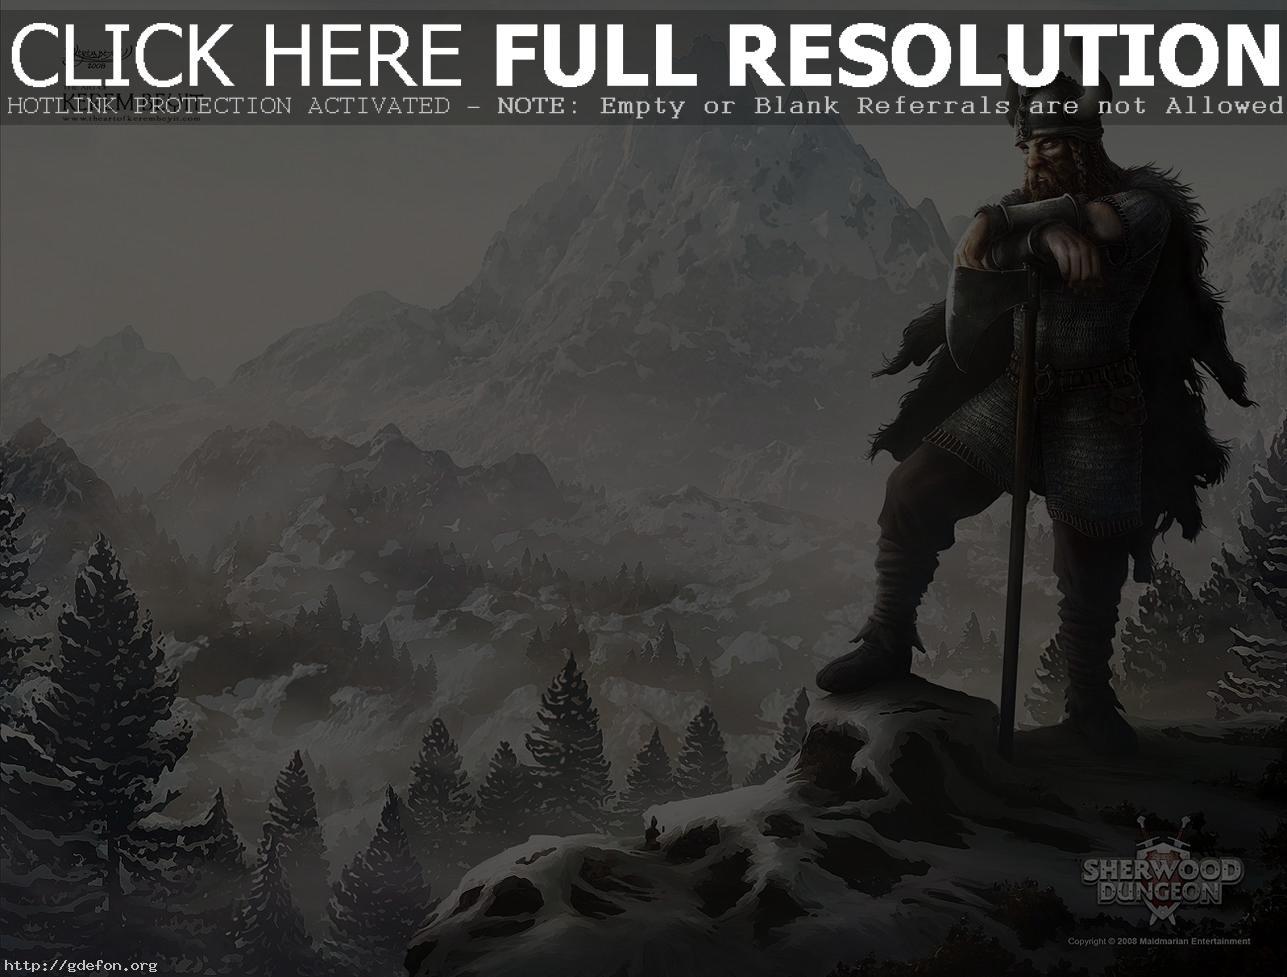 Игра престолов 1 сезон сериал смотреть онлайн бесплатно